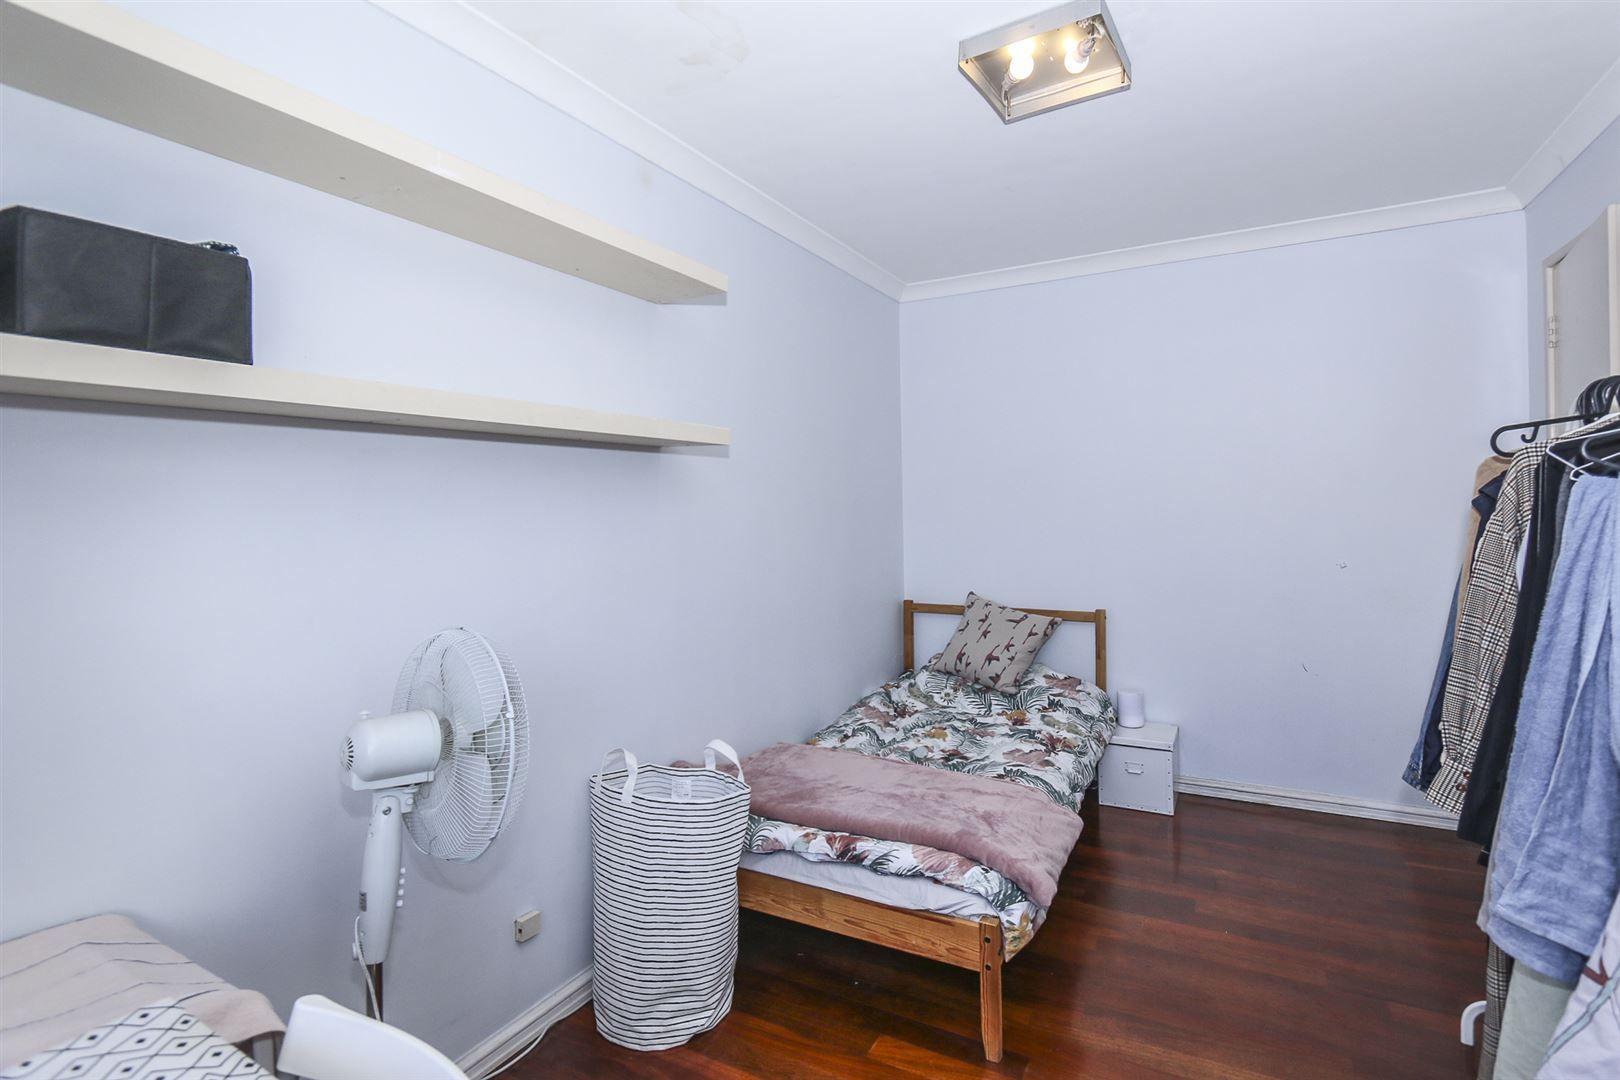 67/141 Fitzgerald Street, West Perth WA 6005, Image 1